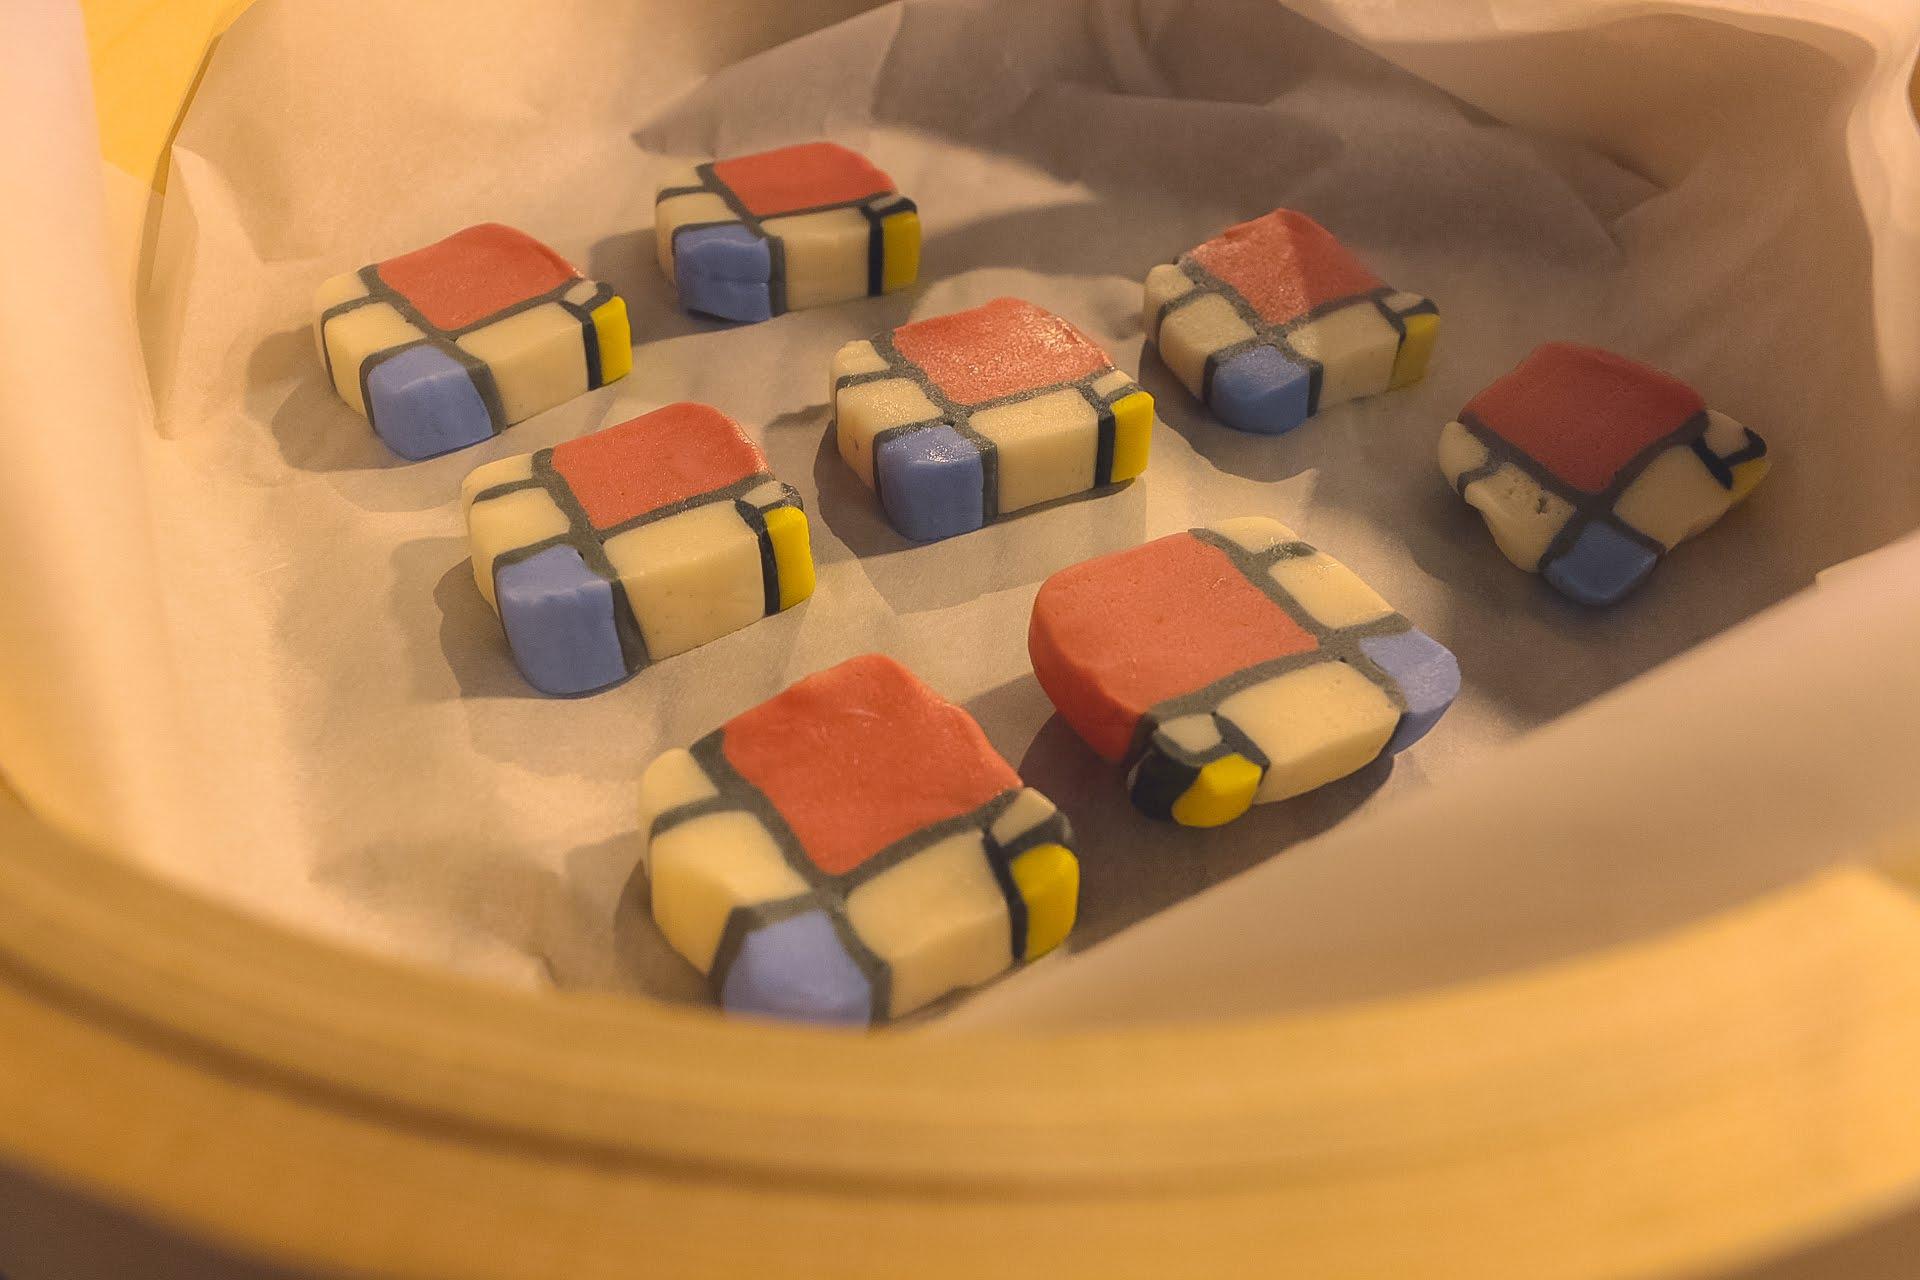 オランダの画家、ピエト・モンドリアンの代表作「コンポジション」なべこもち